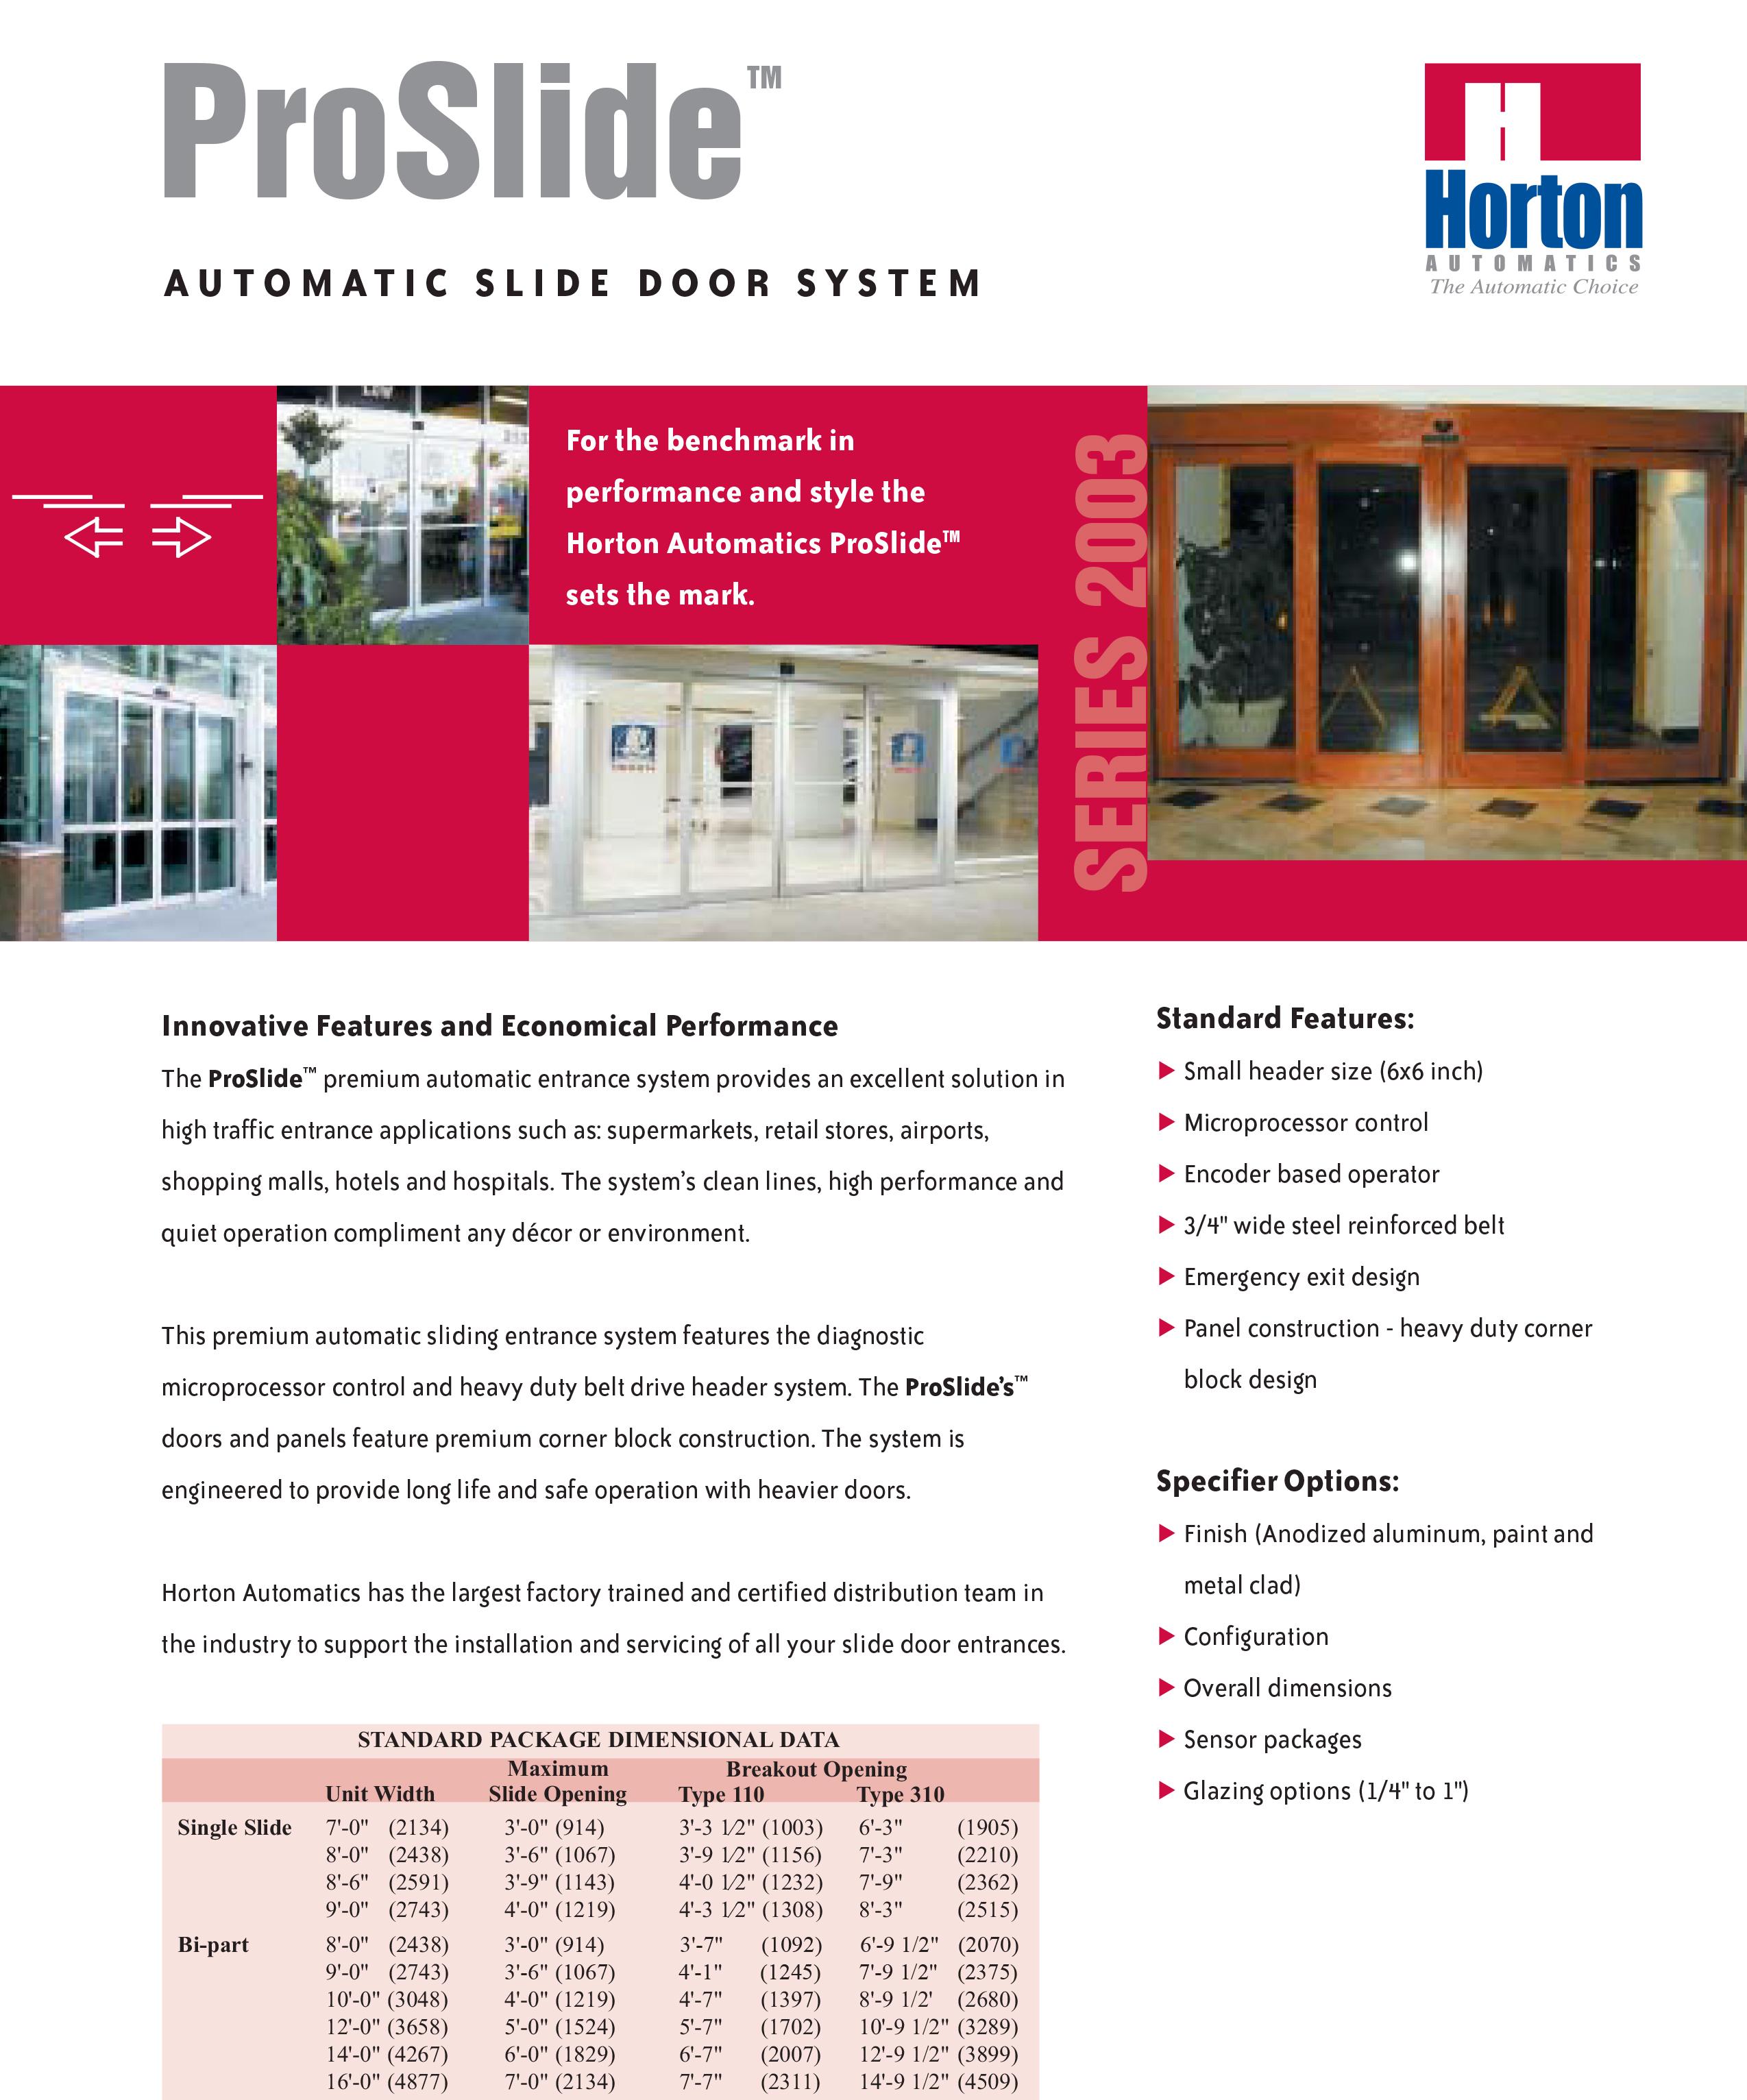 PRoslide Brochure-1